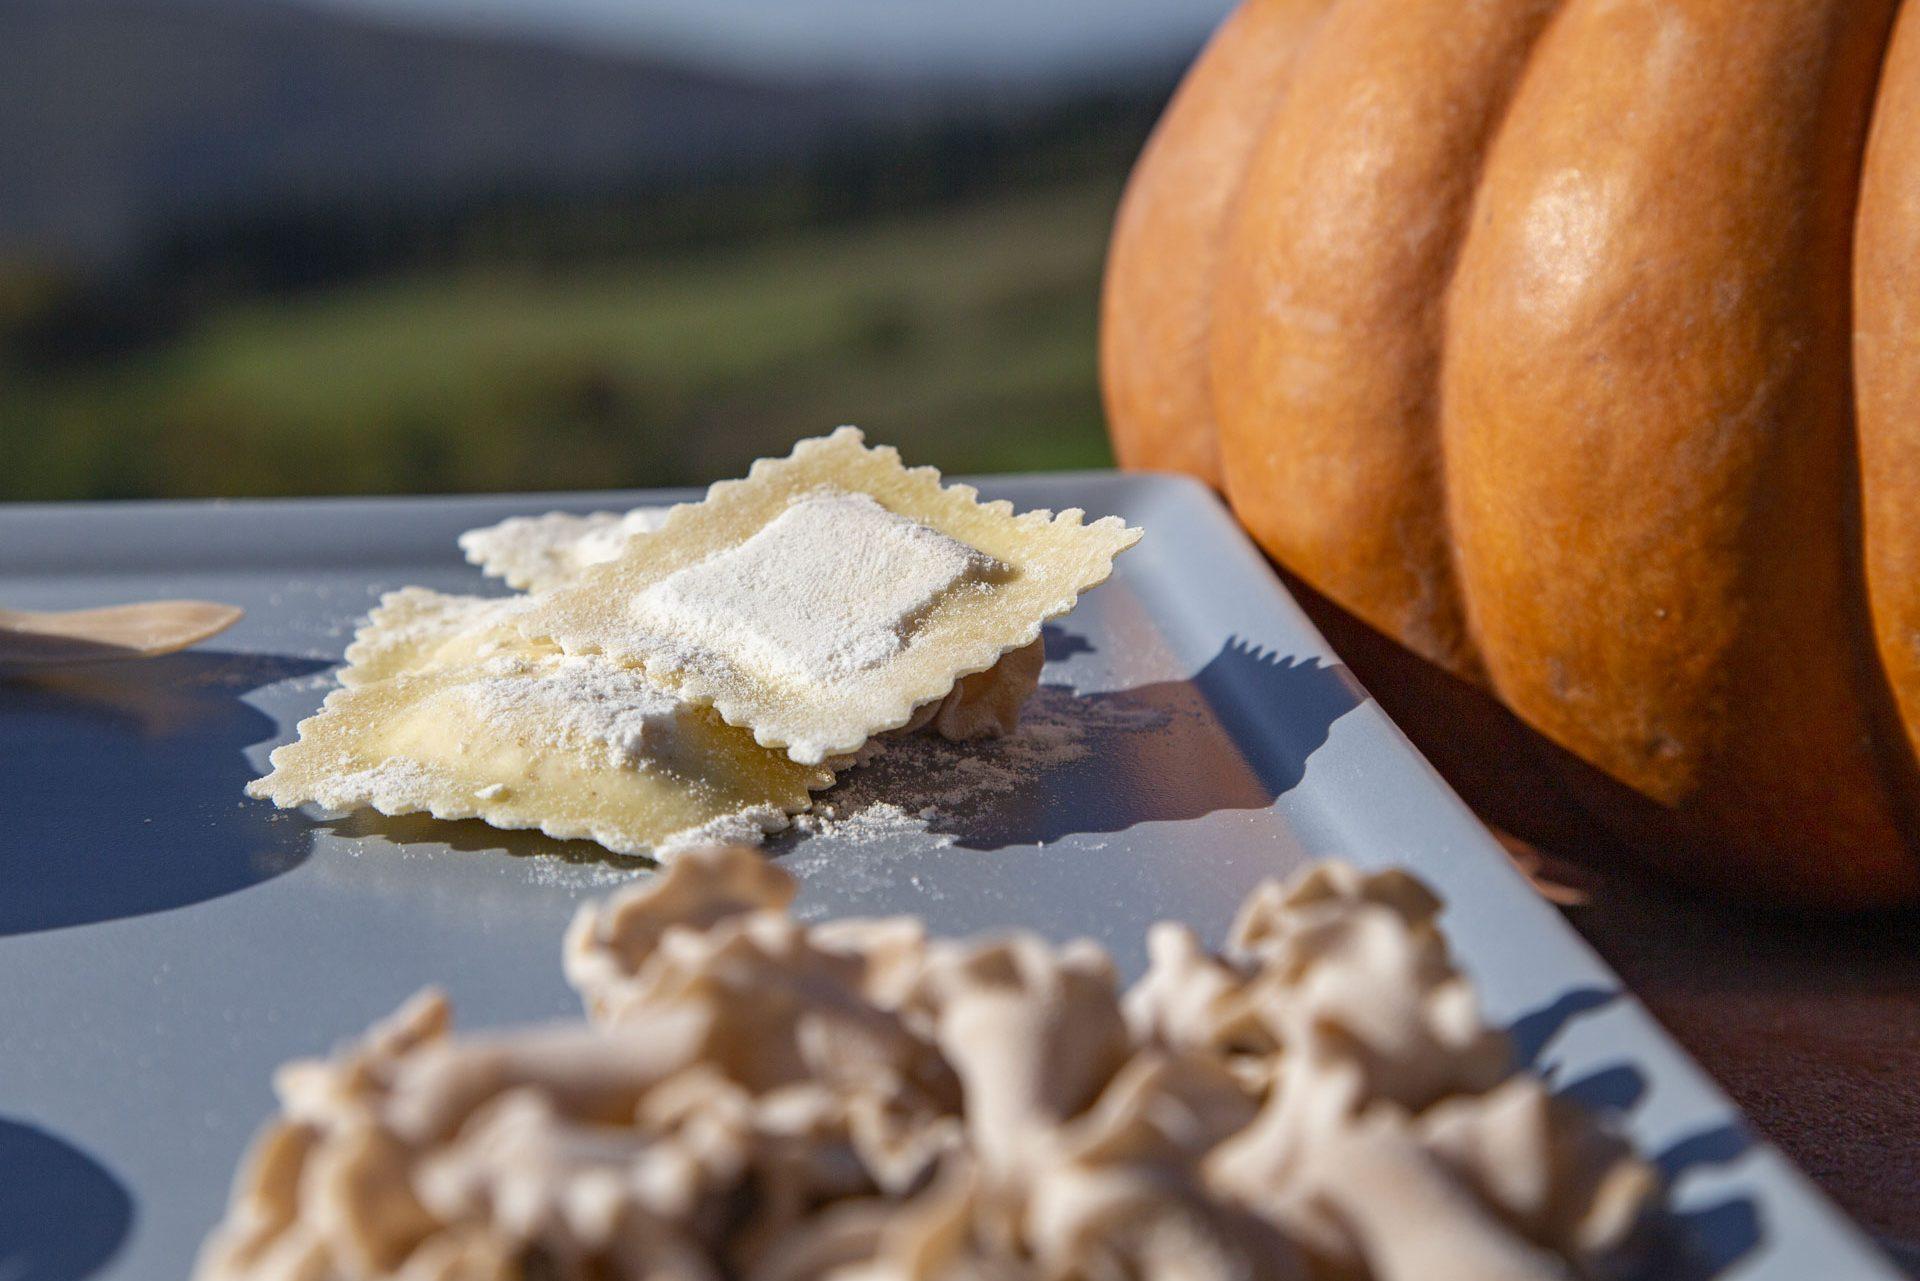 La Fornace de' Medici, una storia iniziata nel 1500. Una zucca e la pasta fatta a mano con il nostro grano Verna! Azienda Agricola Biologica, pasta fatta a mano con i nostri grani antichi